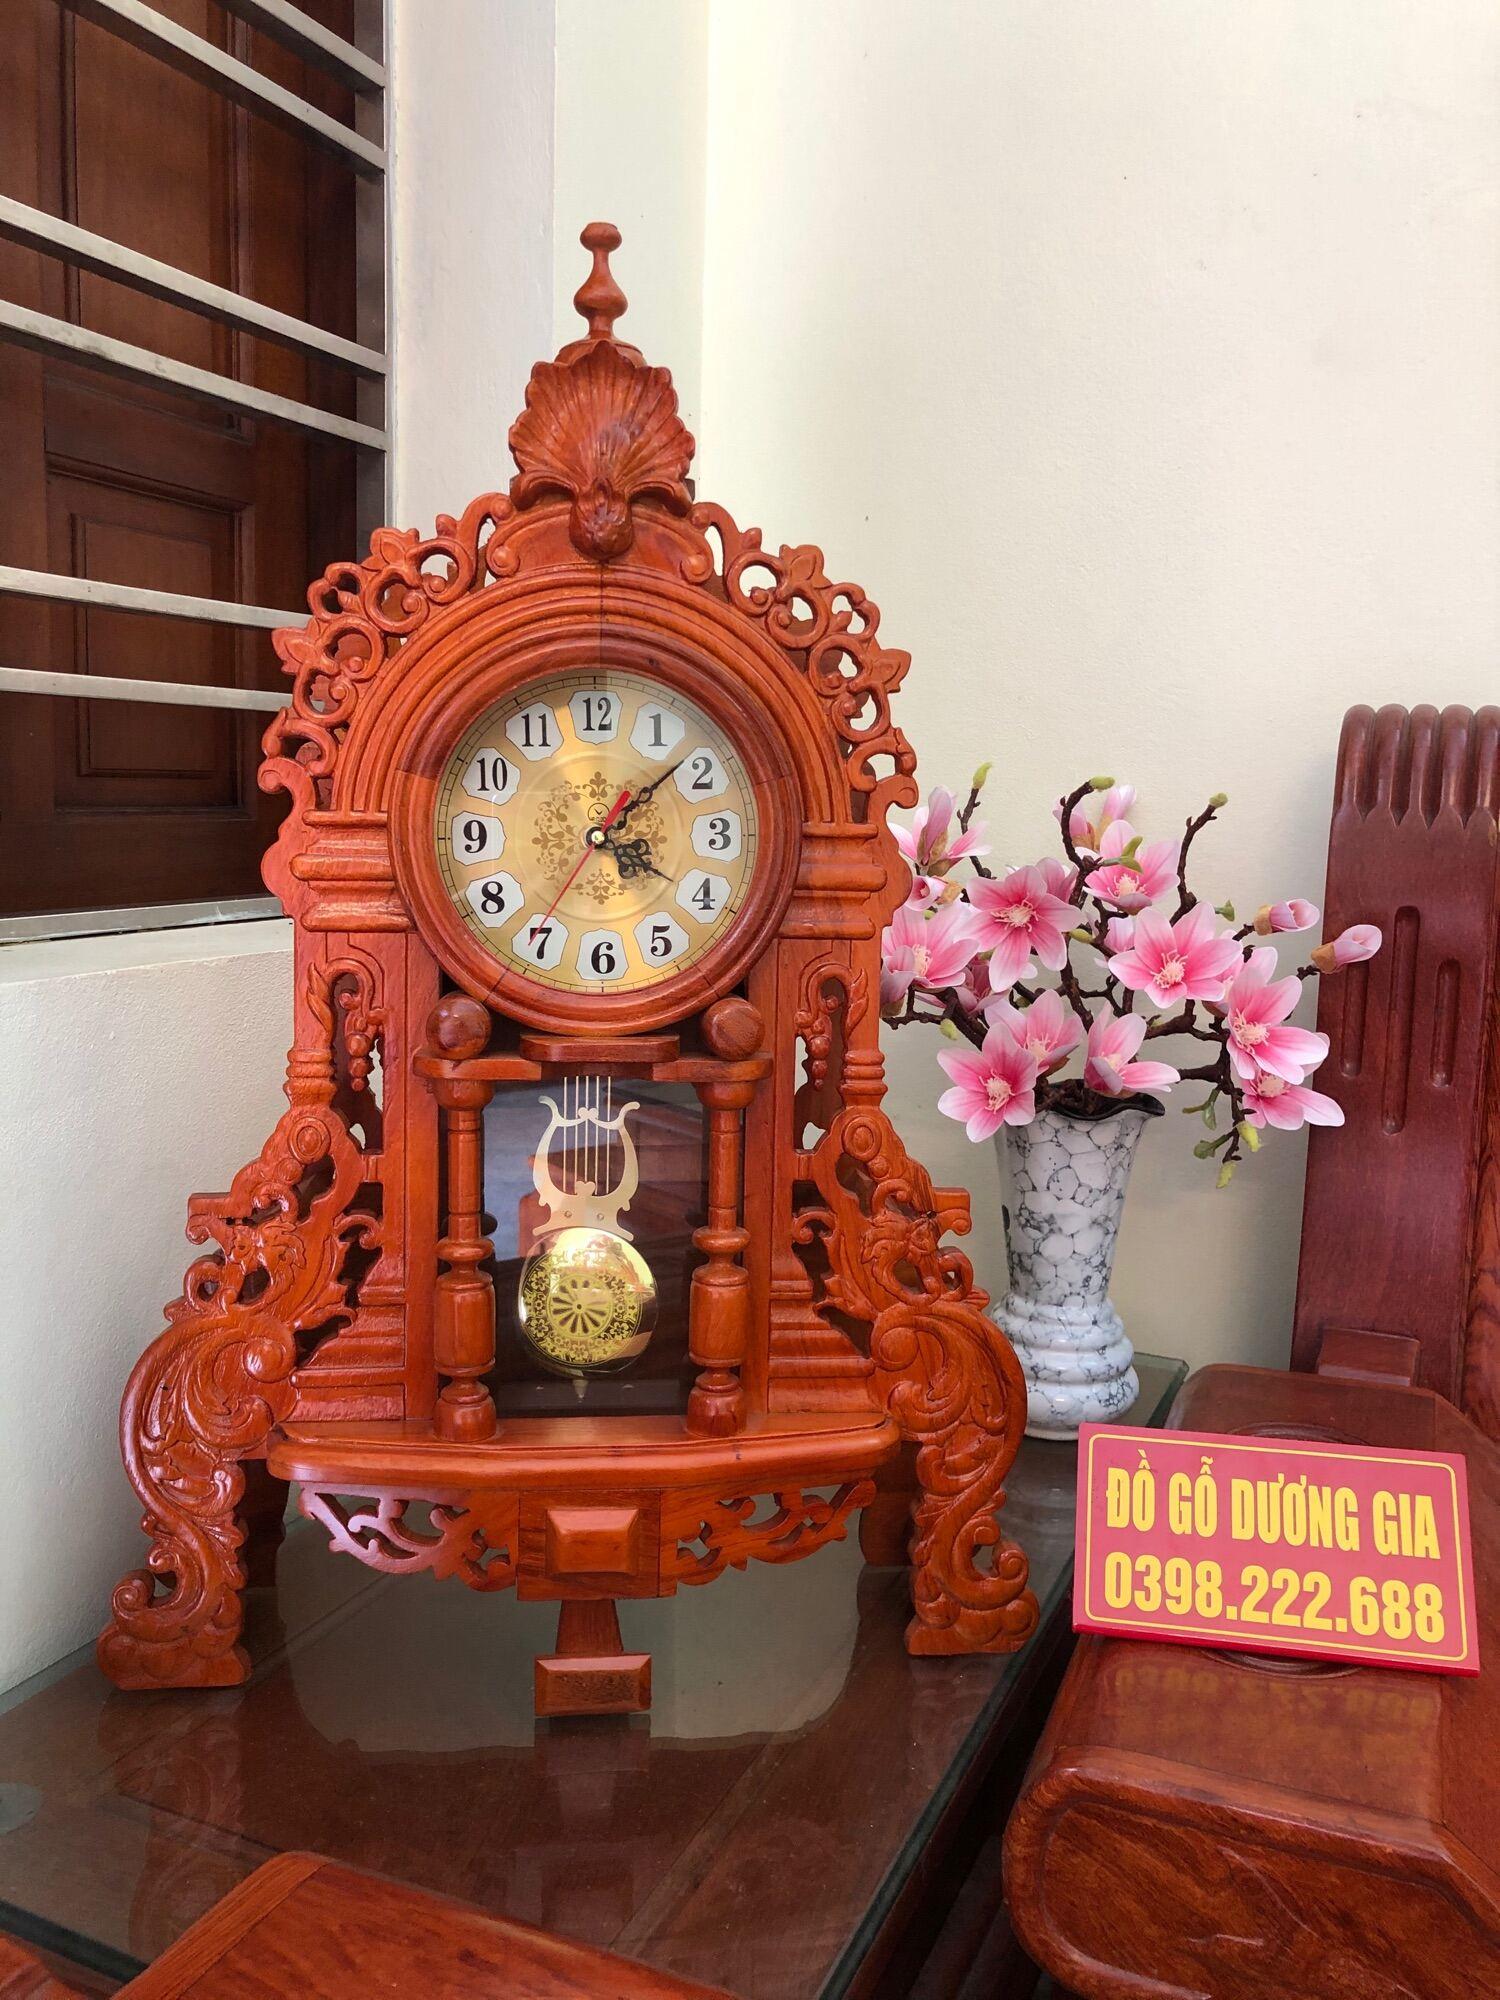 Đồng hồ gỗ gõ, mẫu đồng hồ quả lắc sang trọng